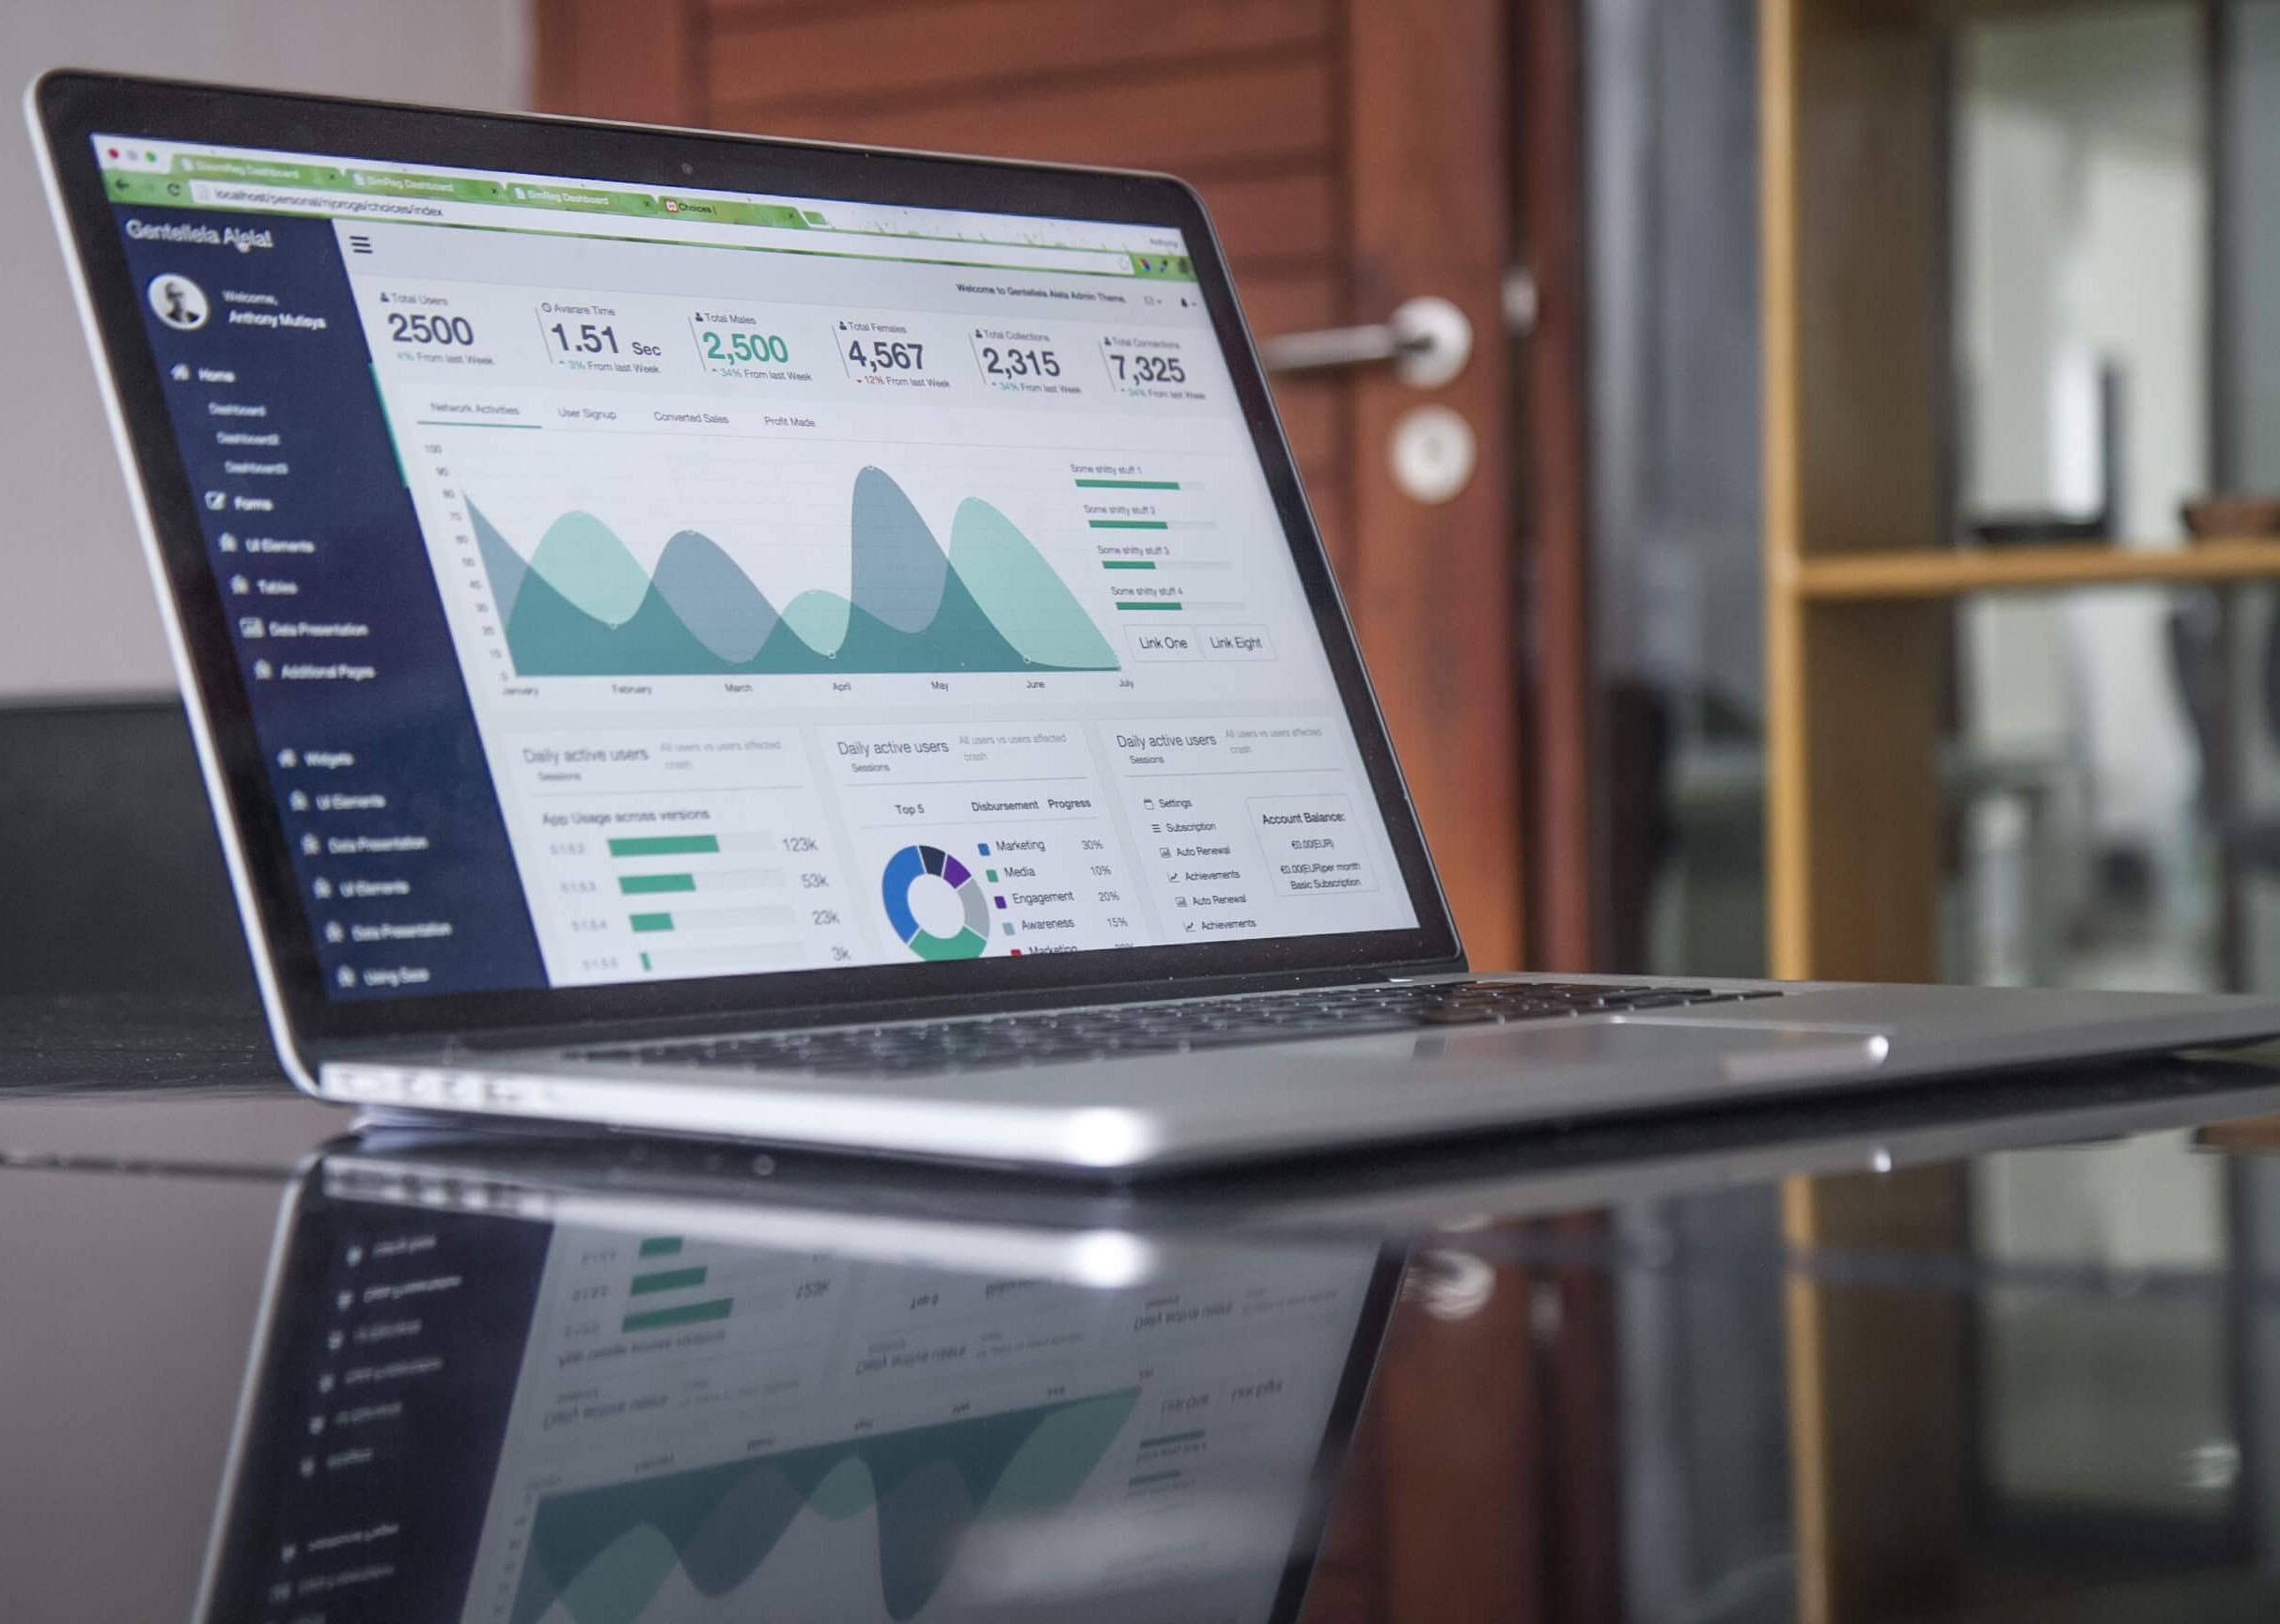 digitales facility management laptop auf tisch fm dienstleister gebäudemodernisierung technik